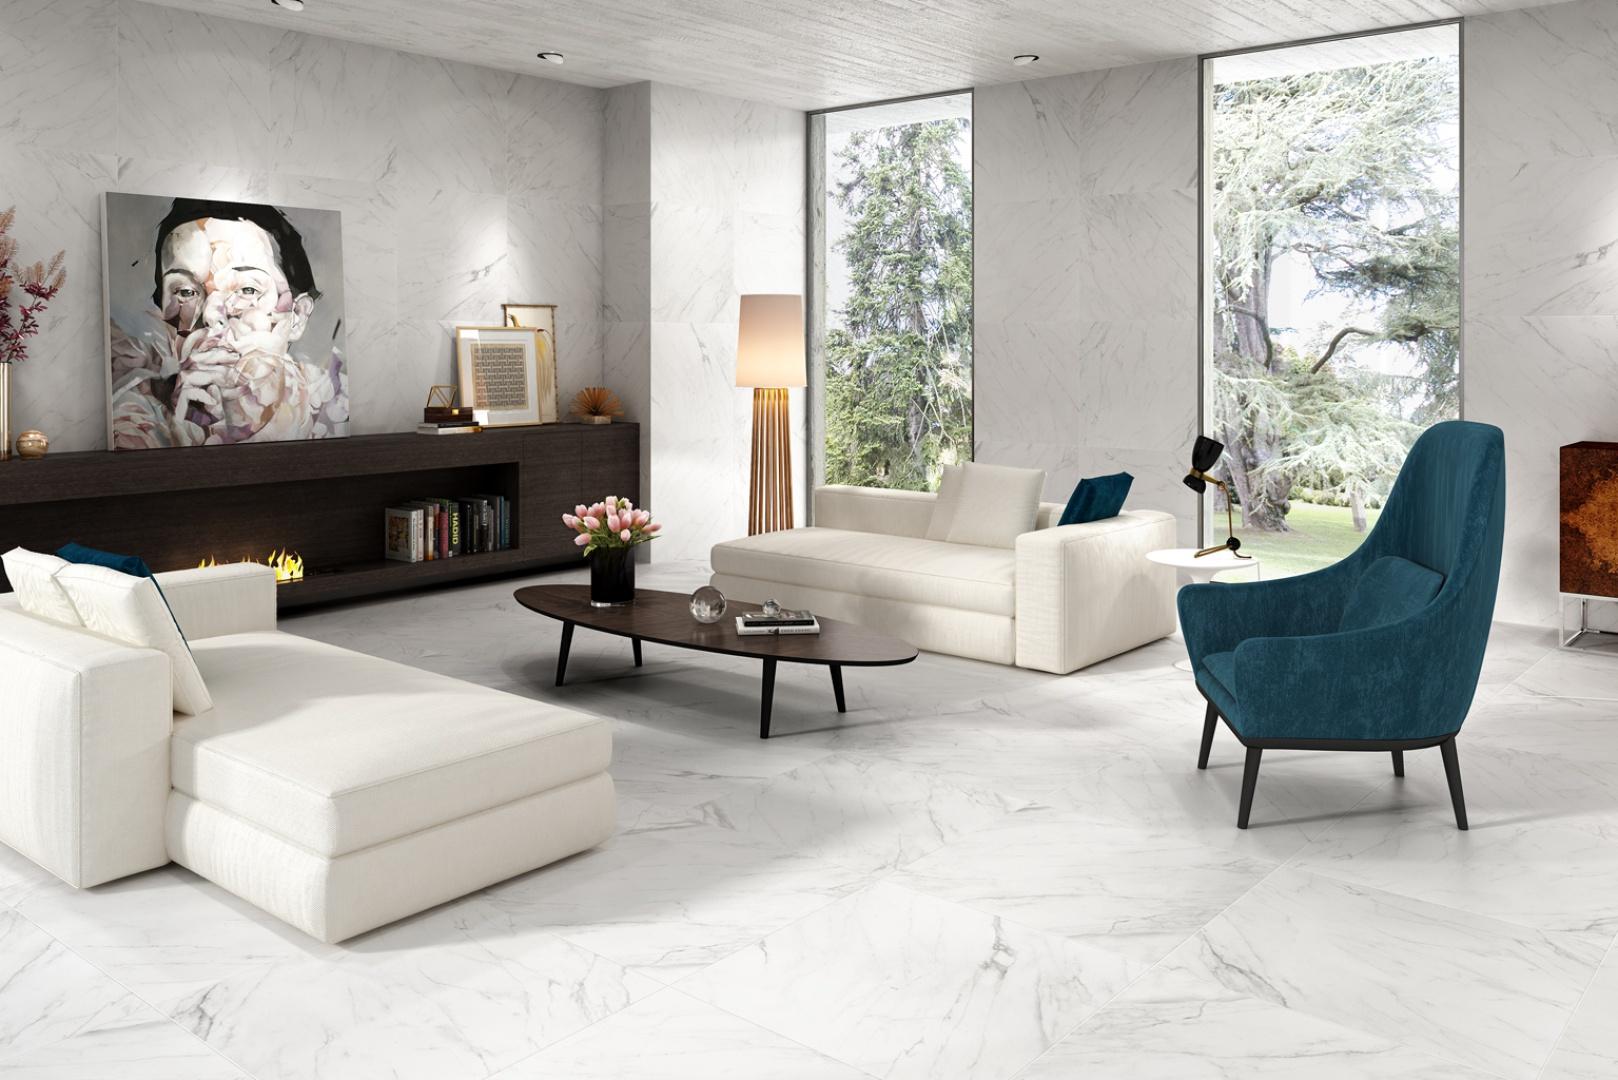 Płytki imitujące marmur z kolekcji Evoque Keraben w białym kolorze o matowym wykończeniu doskonale ozdobią zarówno ściany, jak i podłogi. Na zamówienie. Fot. Keraben